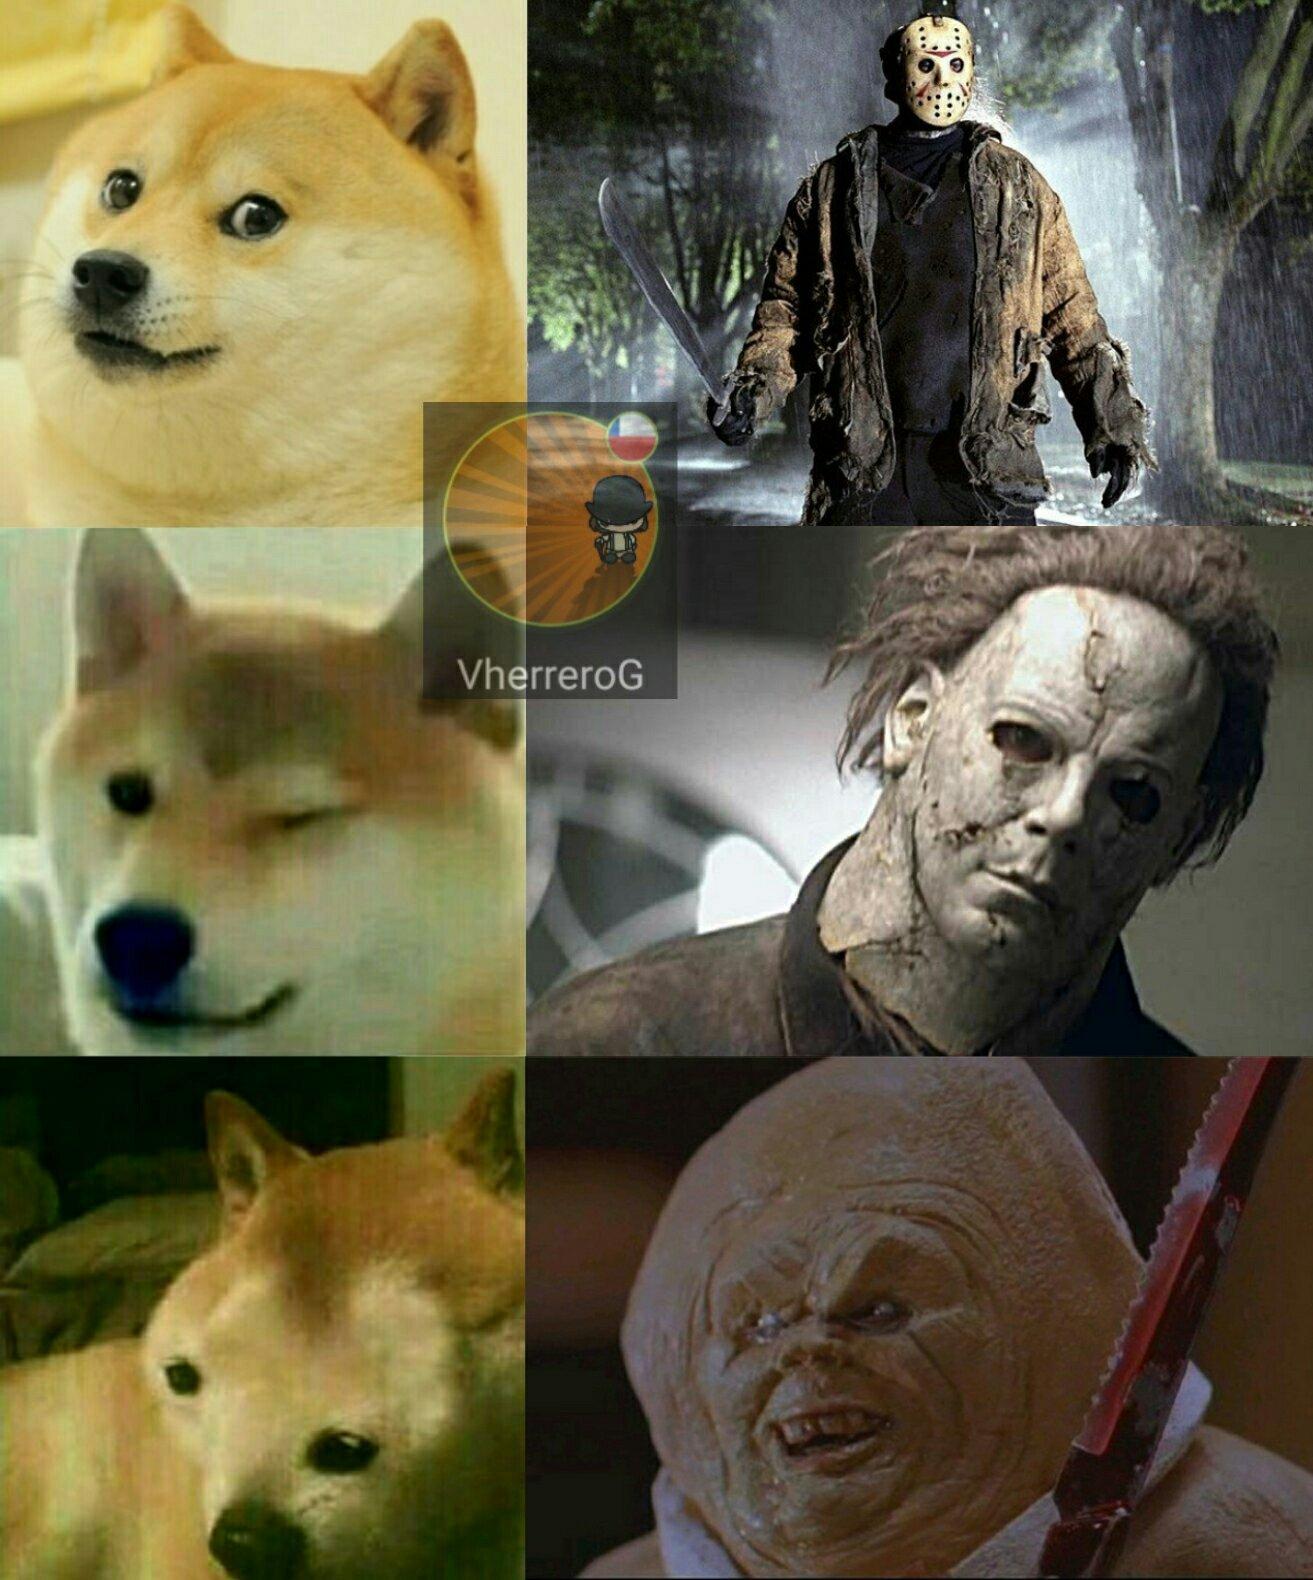 Gingerdead man - meme